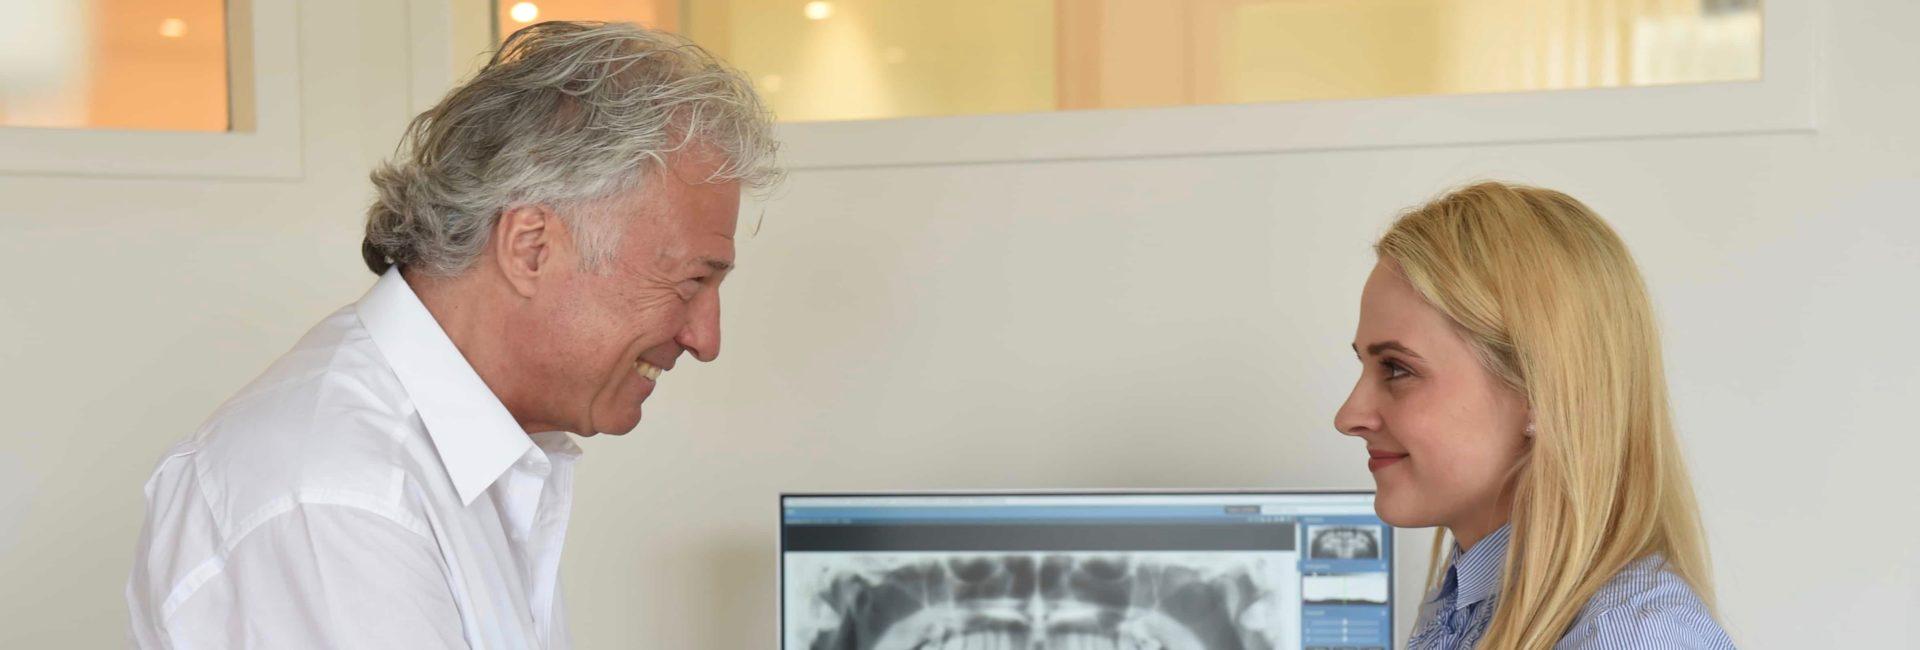 Zahnarzt Dr. Rudolf Hocheneder, Zahnärzte am Marienplatz München